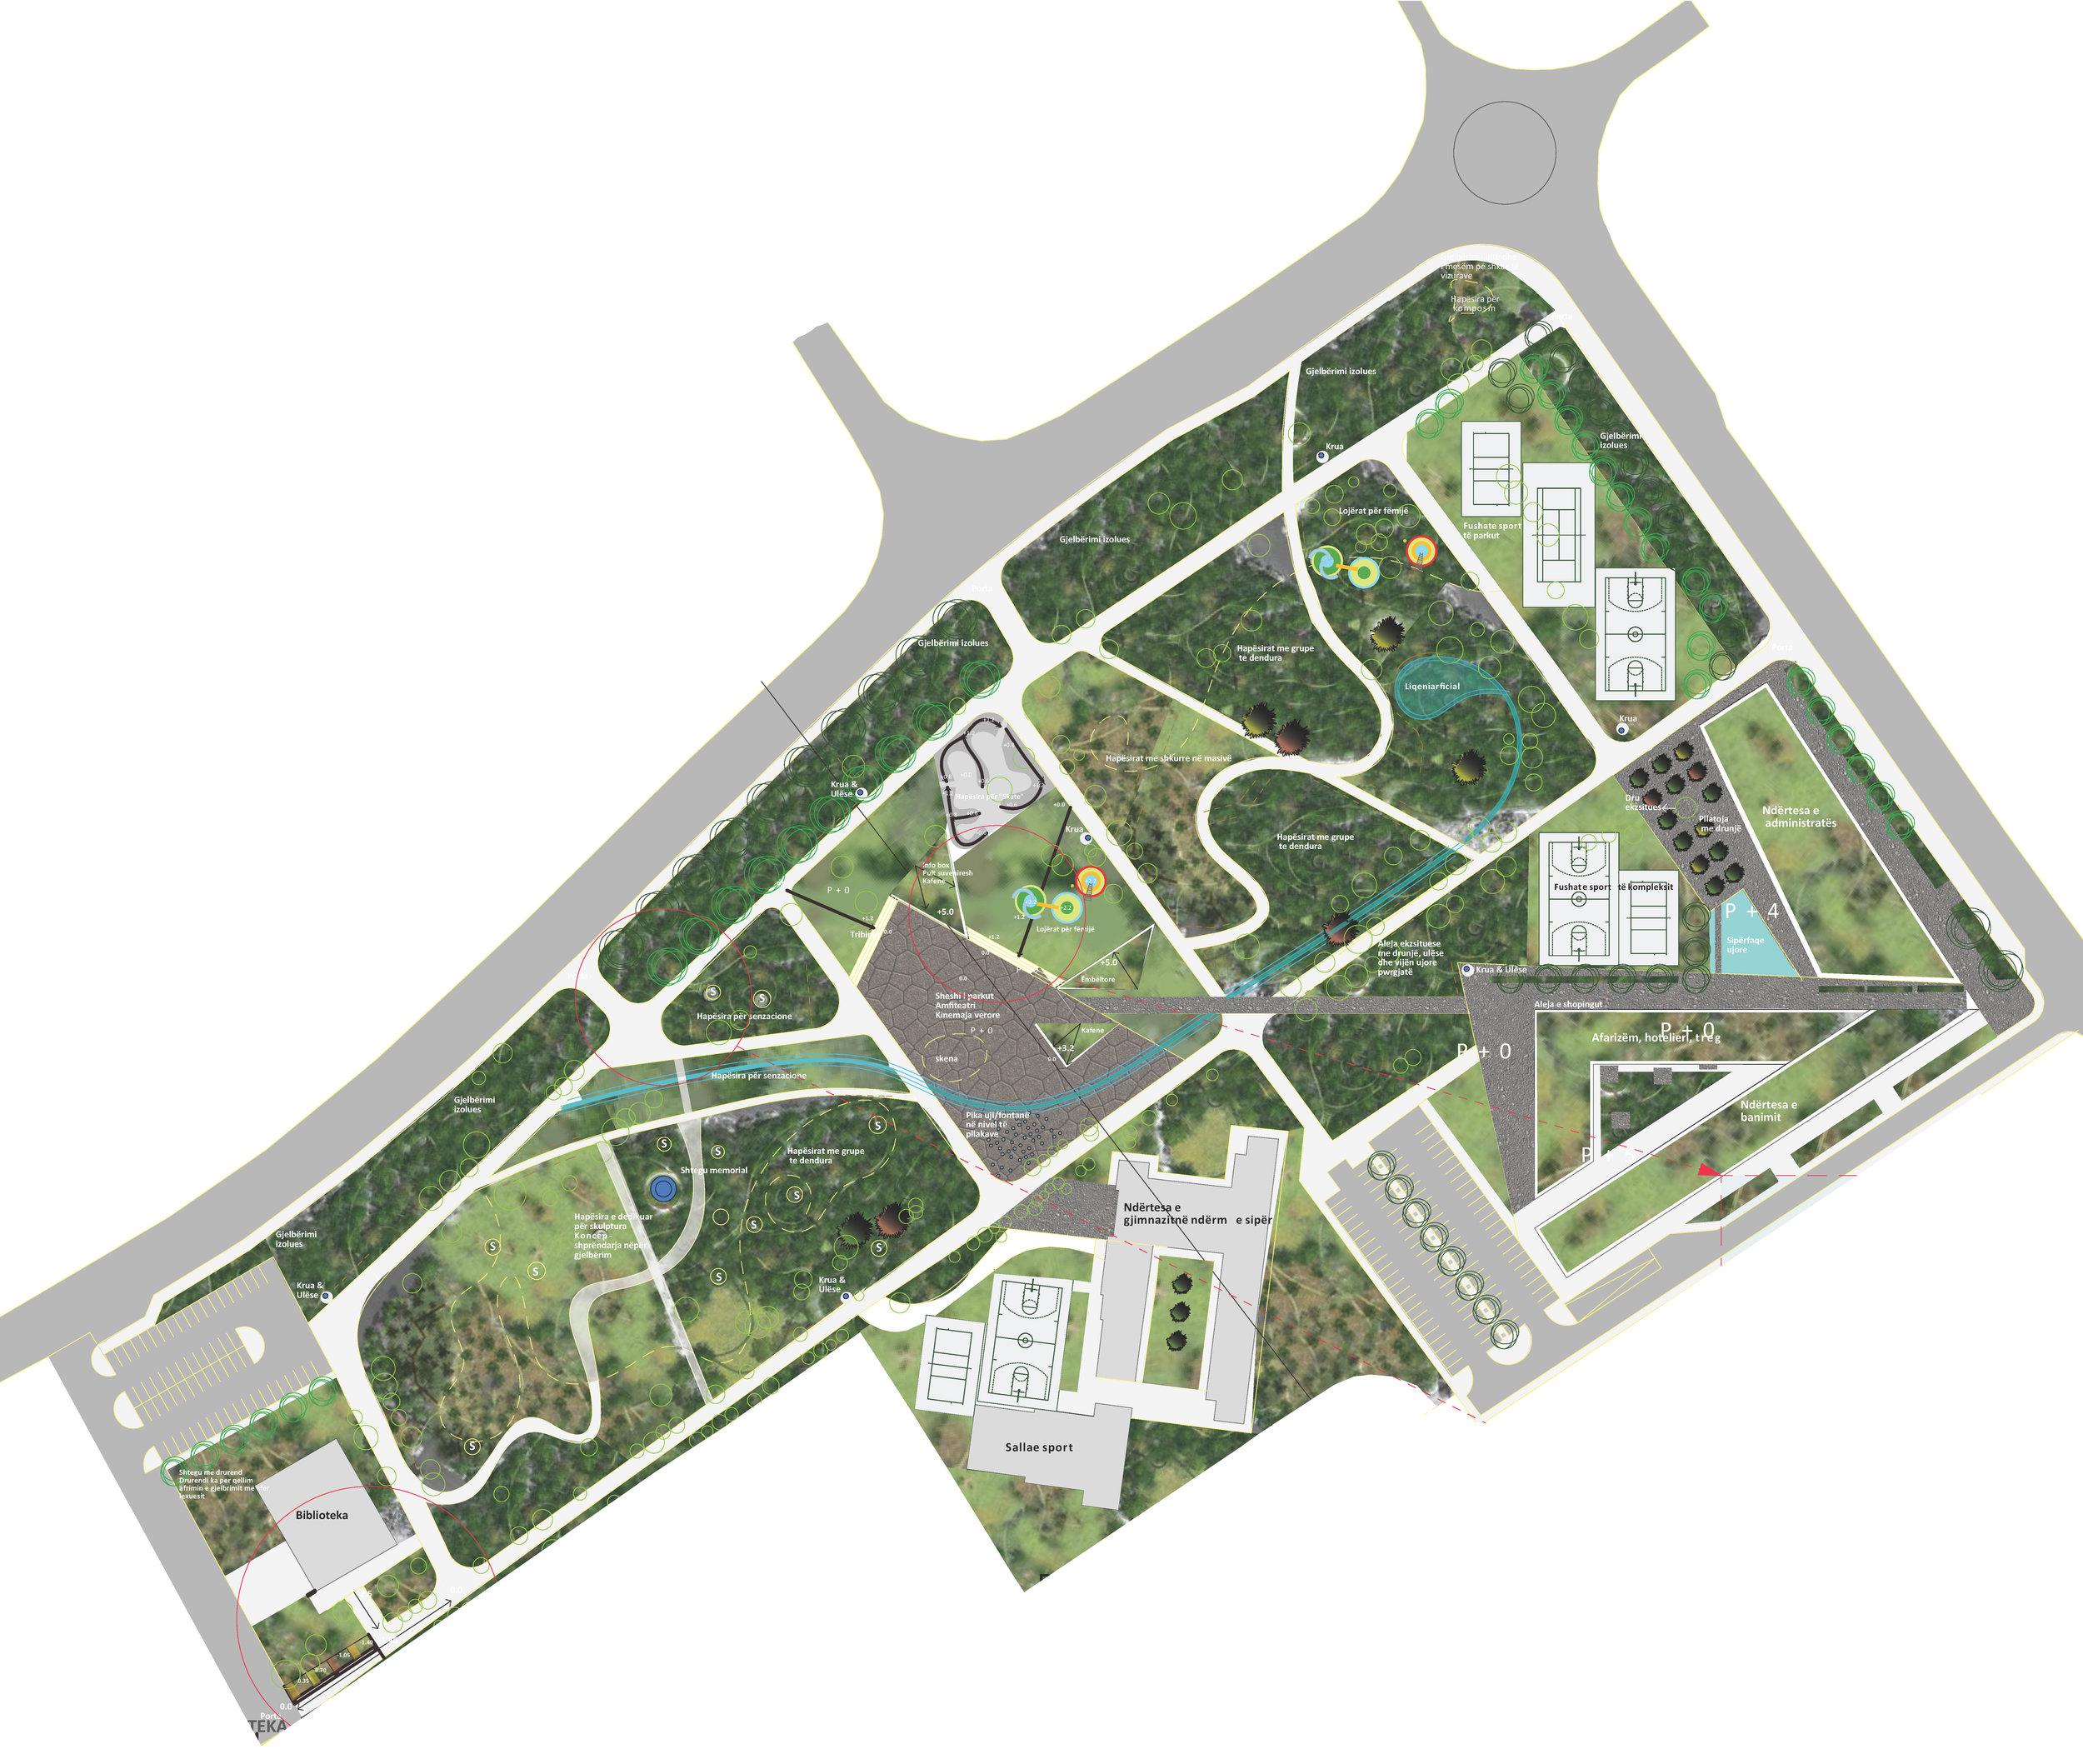 zgjidhja e parkut.jpg